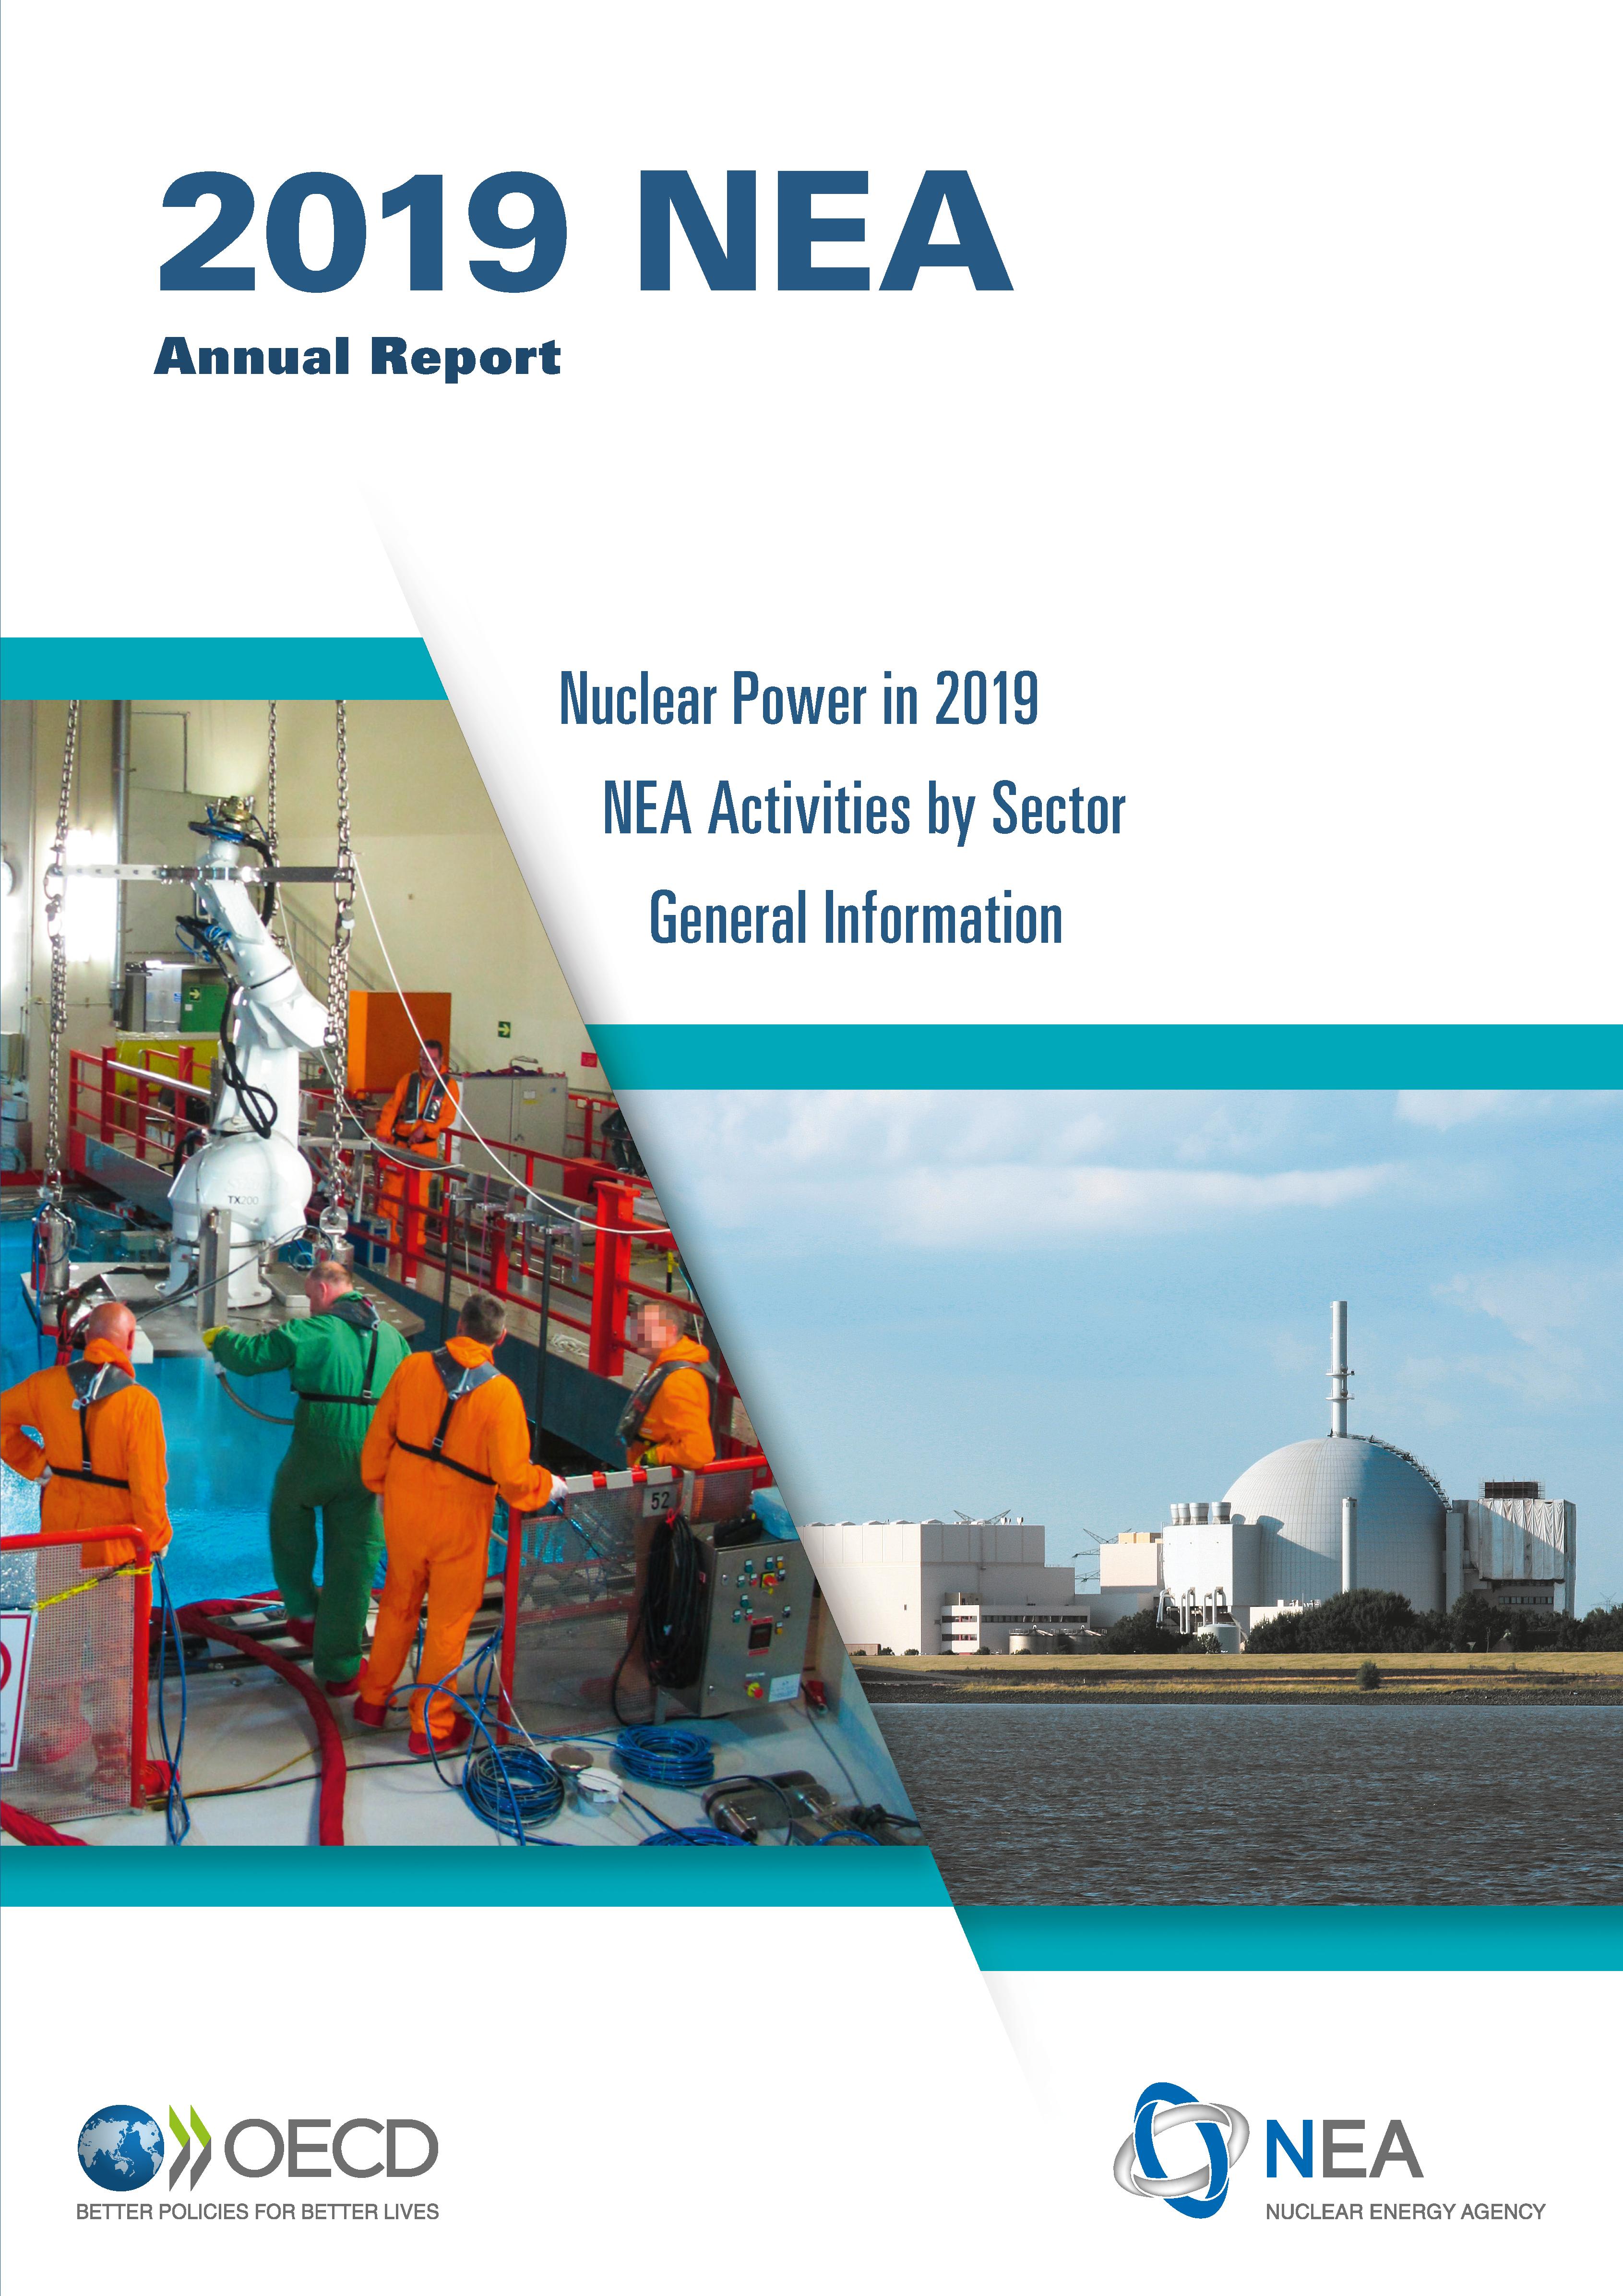 NEA Annual Report 2019